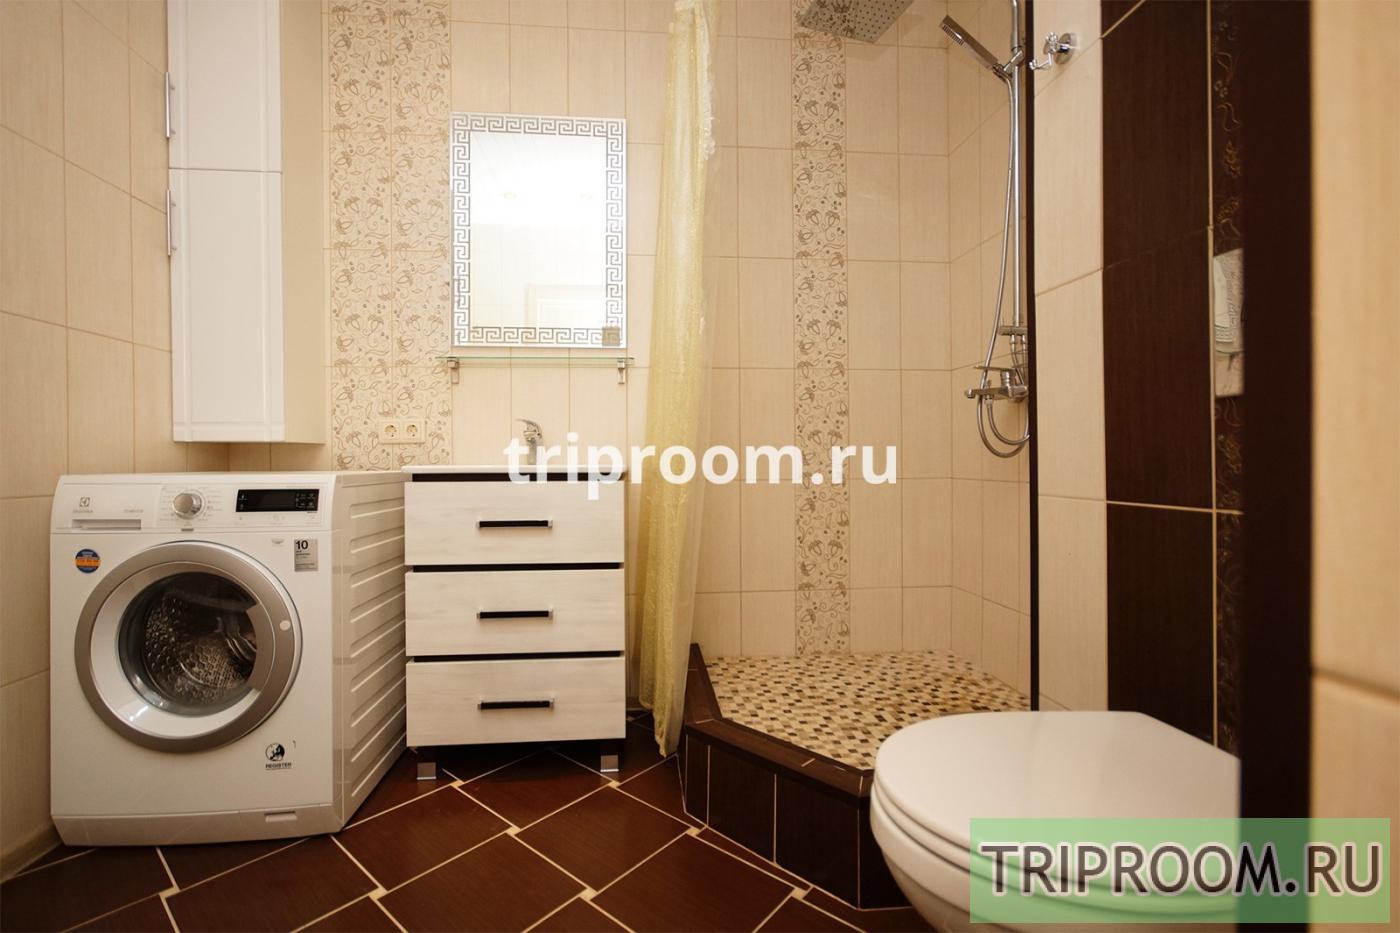 1-комнатная квартира посуточно (вариант № 17278), ул. Полтавский проезд, фото № 11